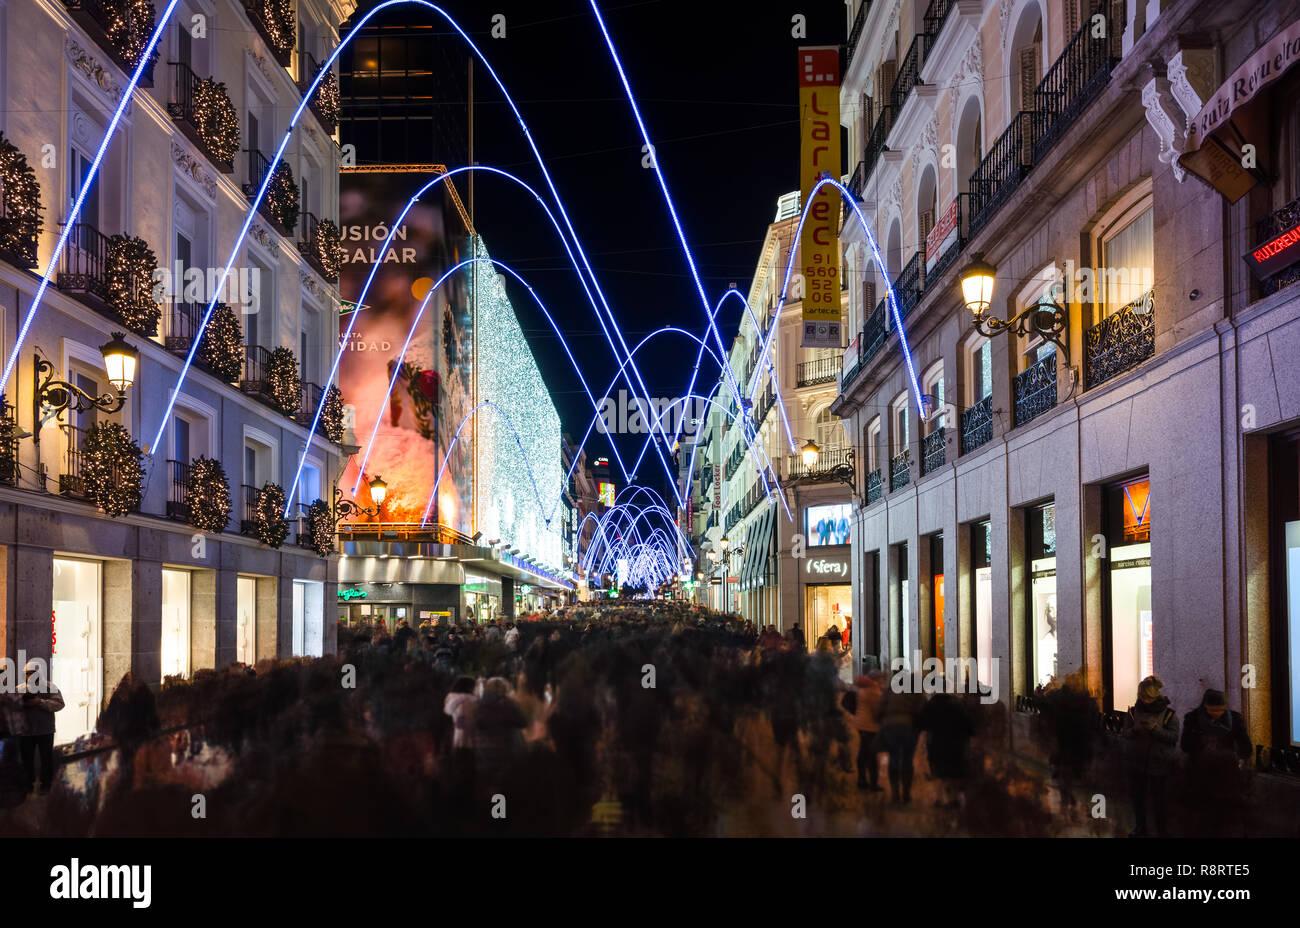 Madrid, Spanien, Dezember 2018. Menschen zu Fuß und Einkaufsmöglichkeiten an der Preciados Straße bei Einbruch der Dunkelheit, von Weihnachten Leuchten. Stockbild